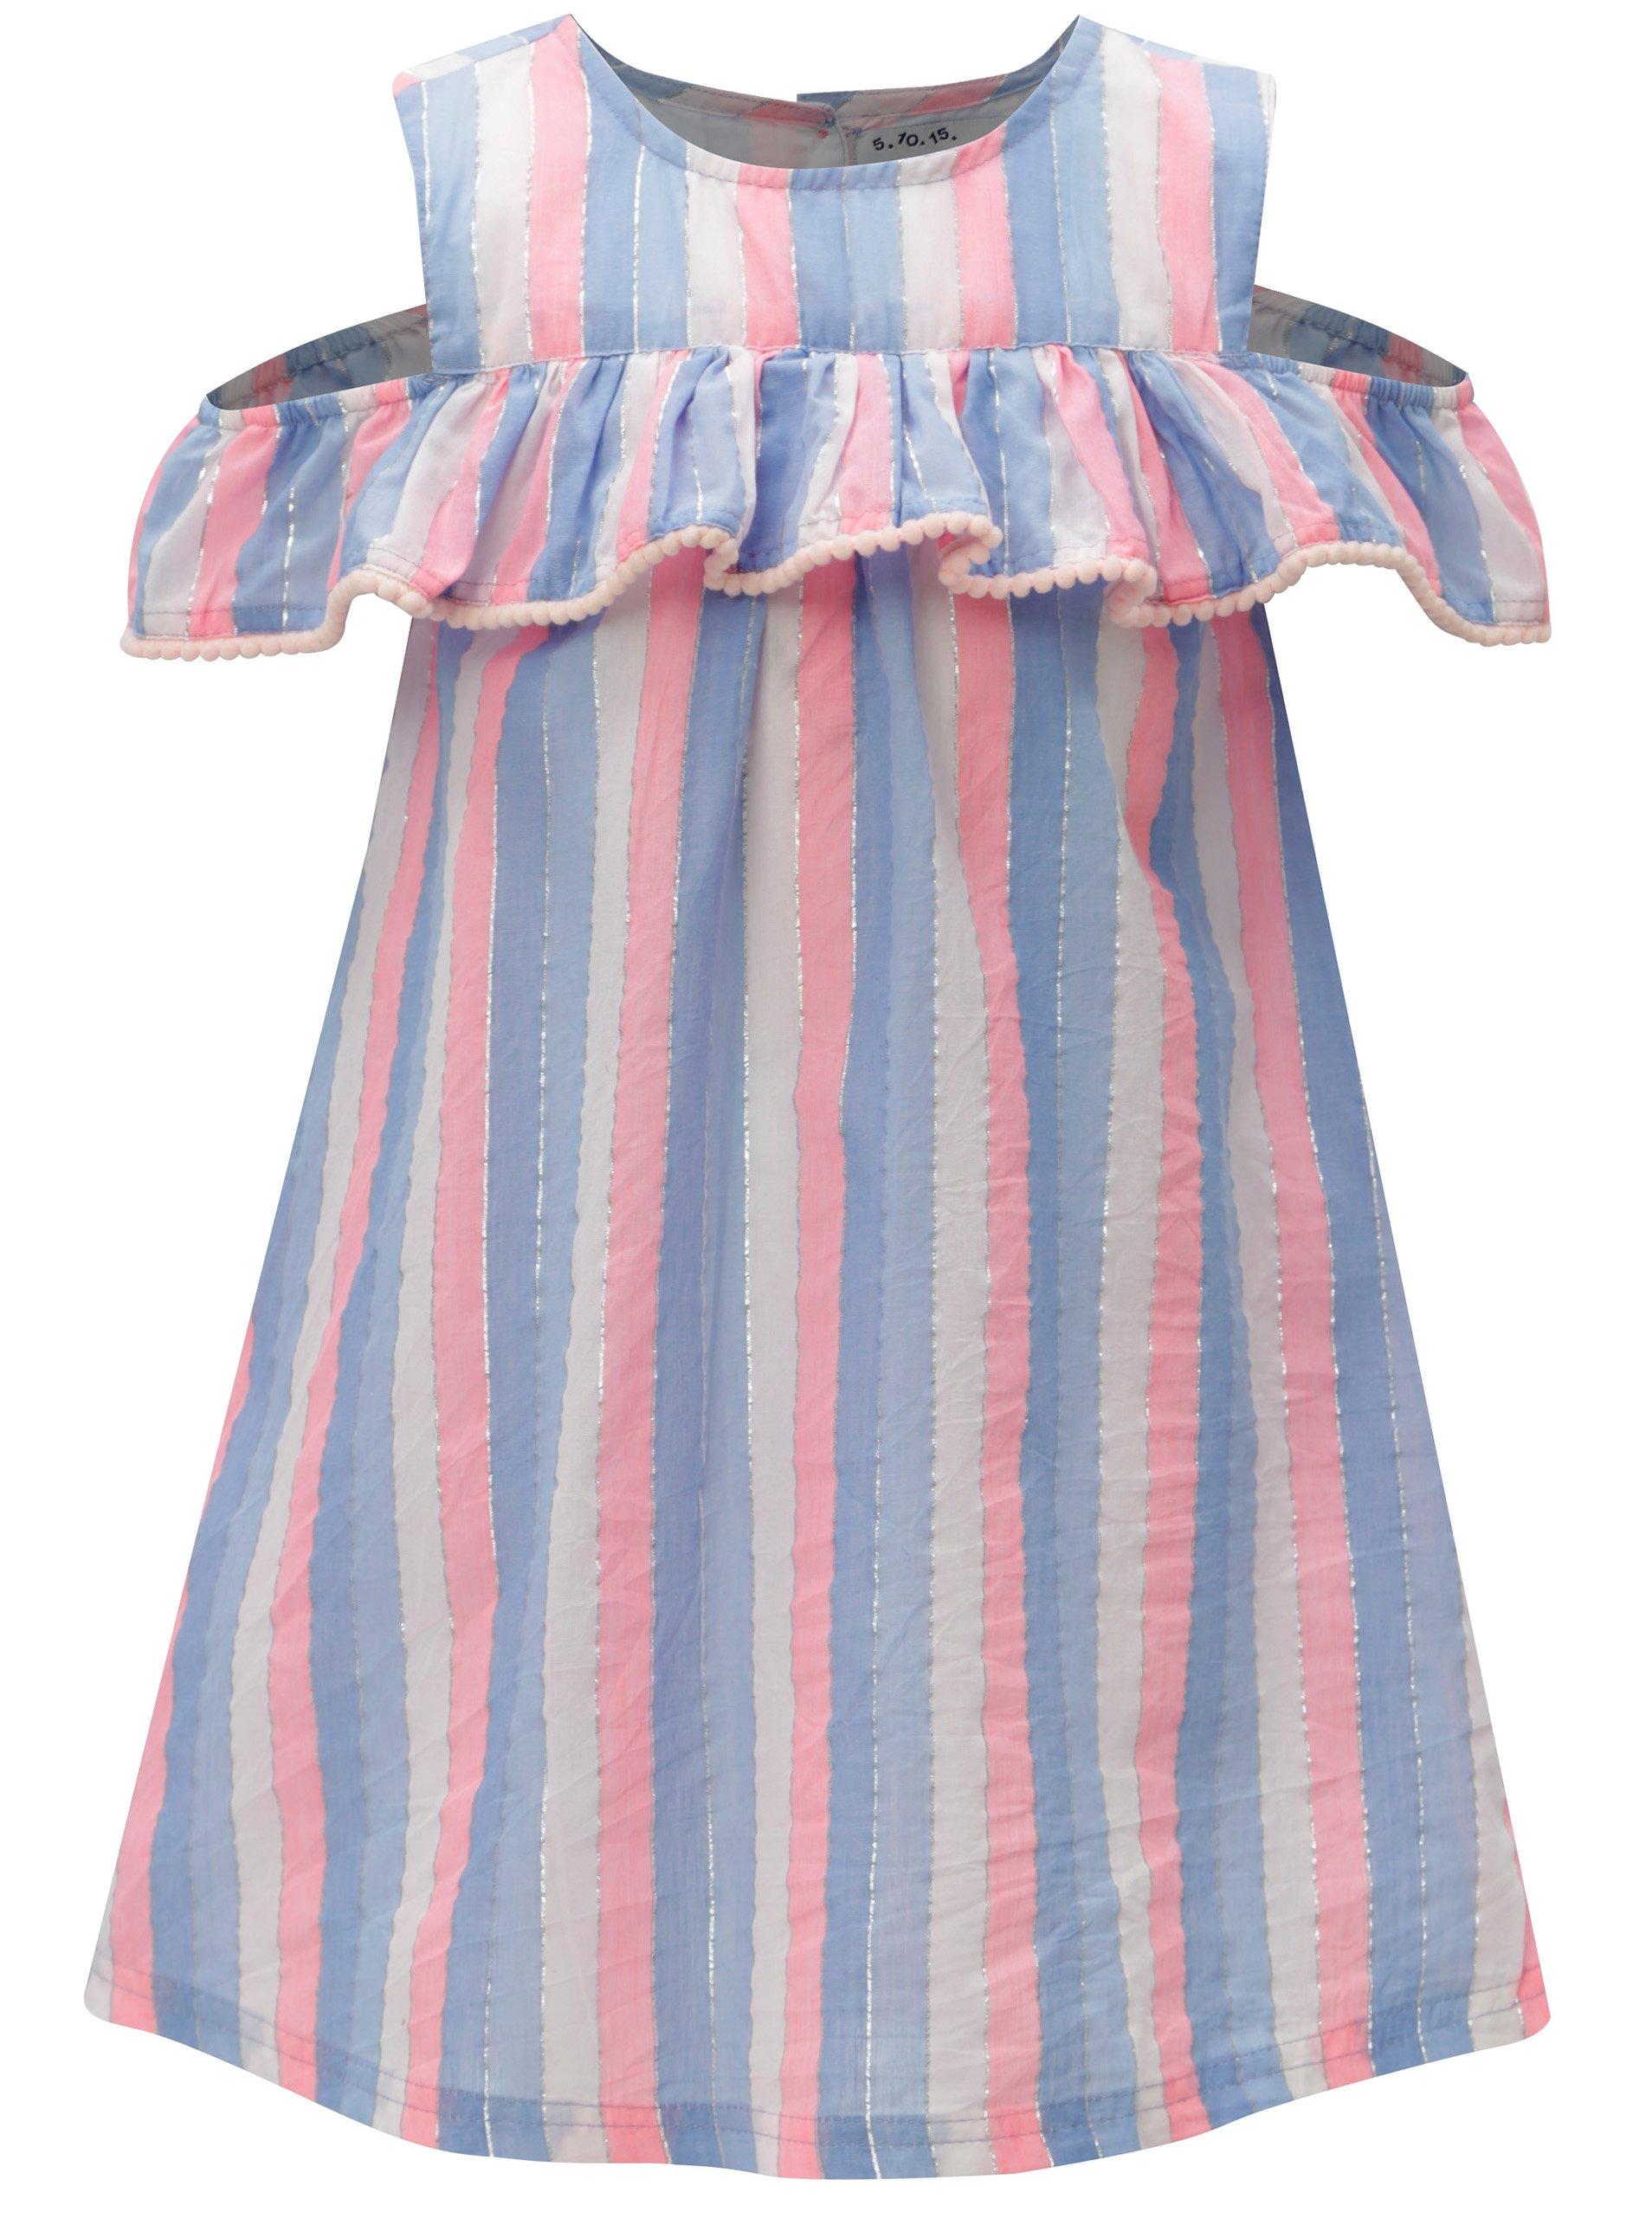 Ružovo-modré dievčenské pruhované šaty 5.10.15.